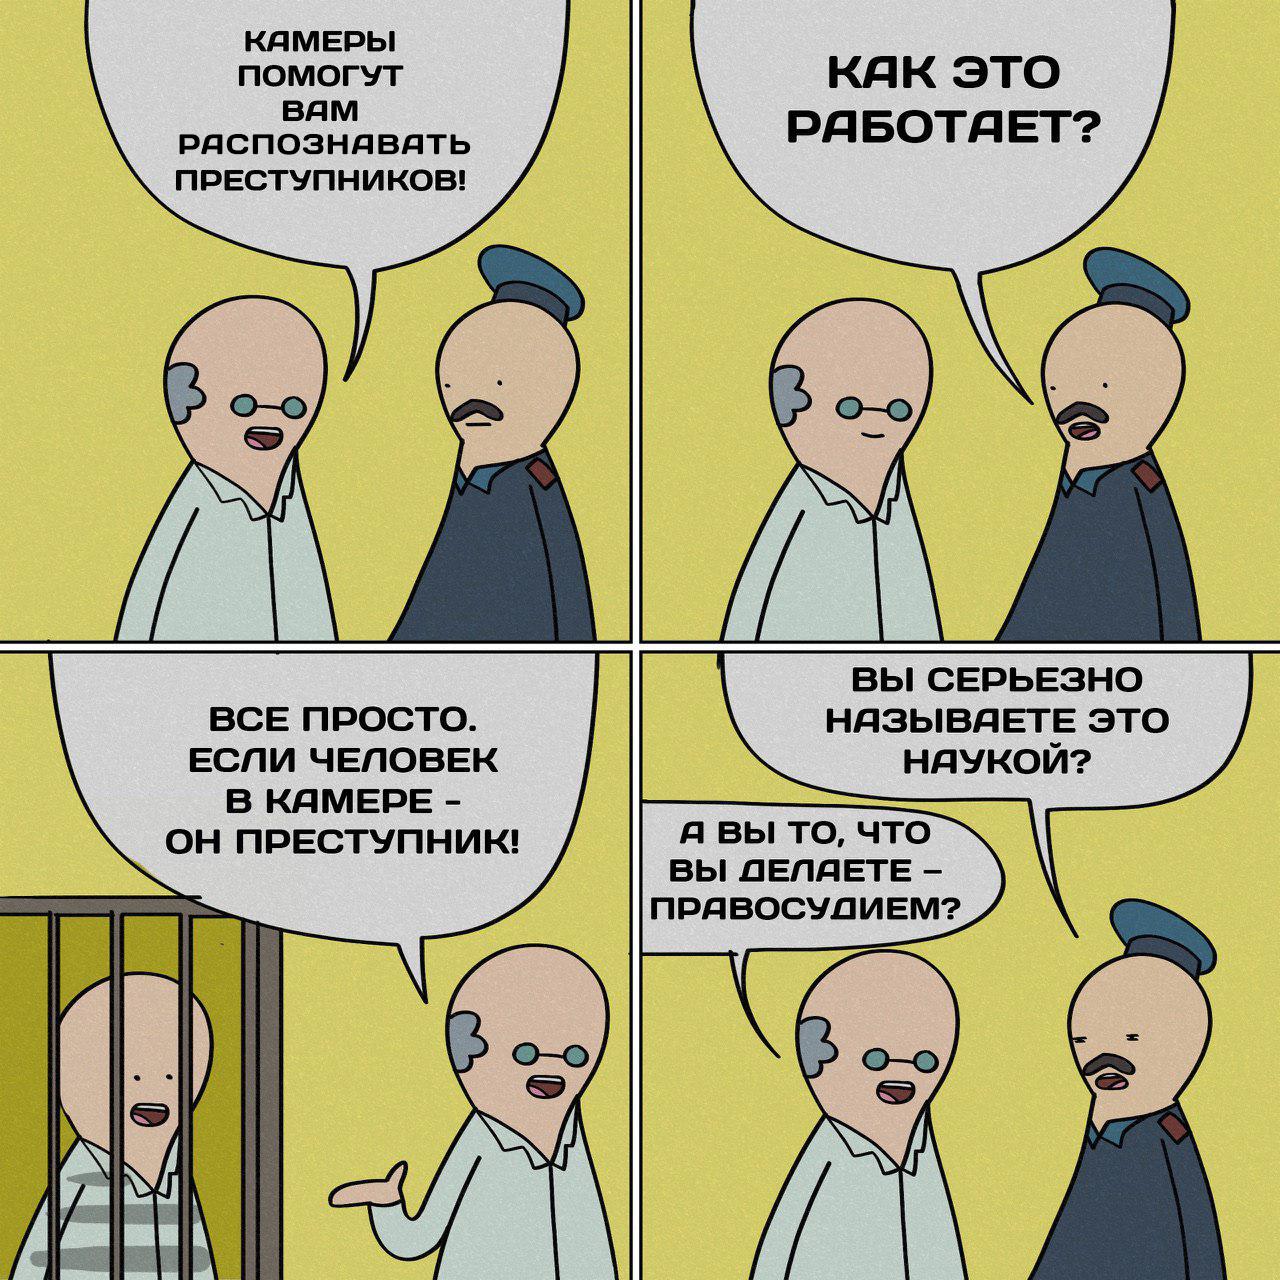 Жопа бь нс